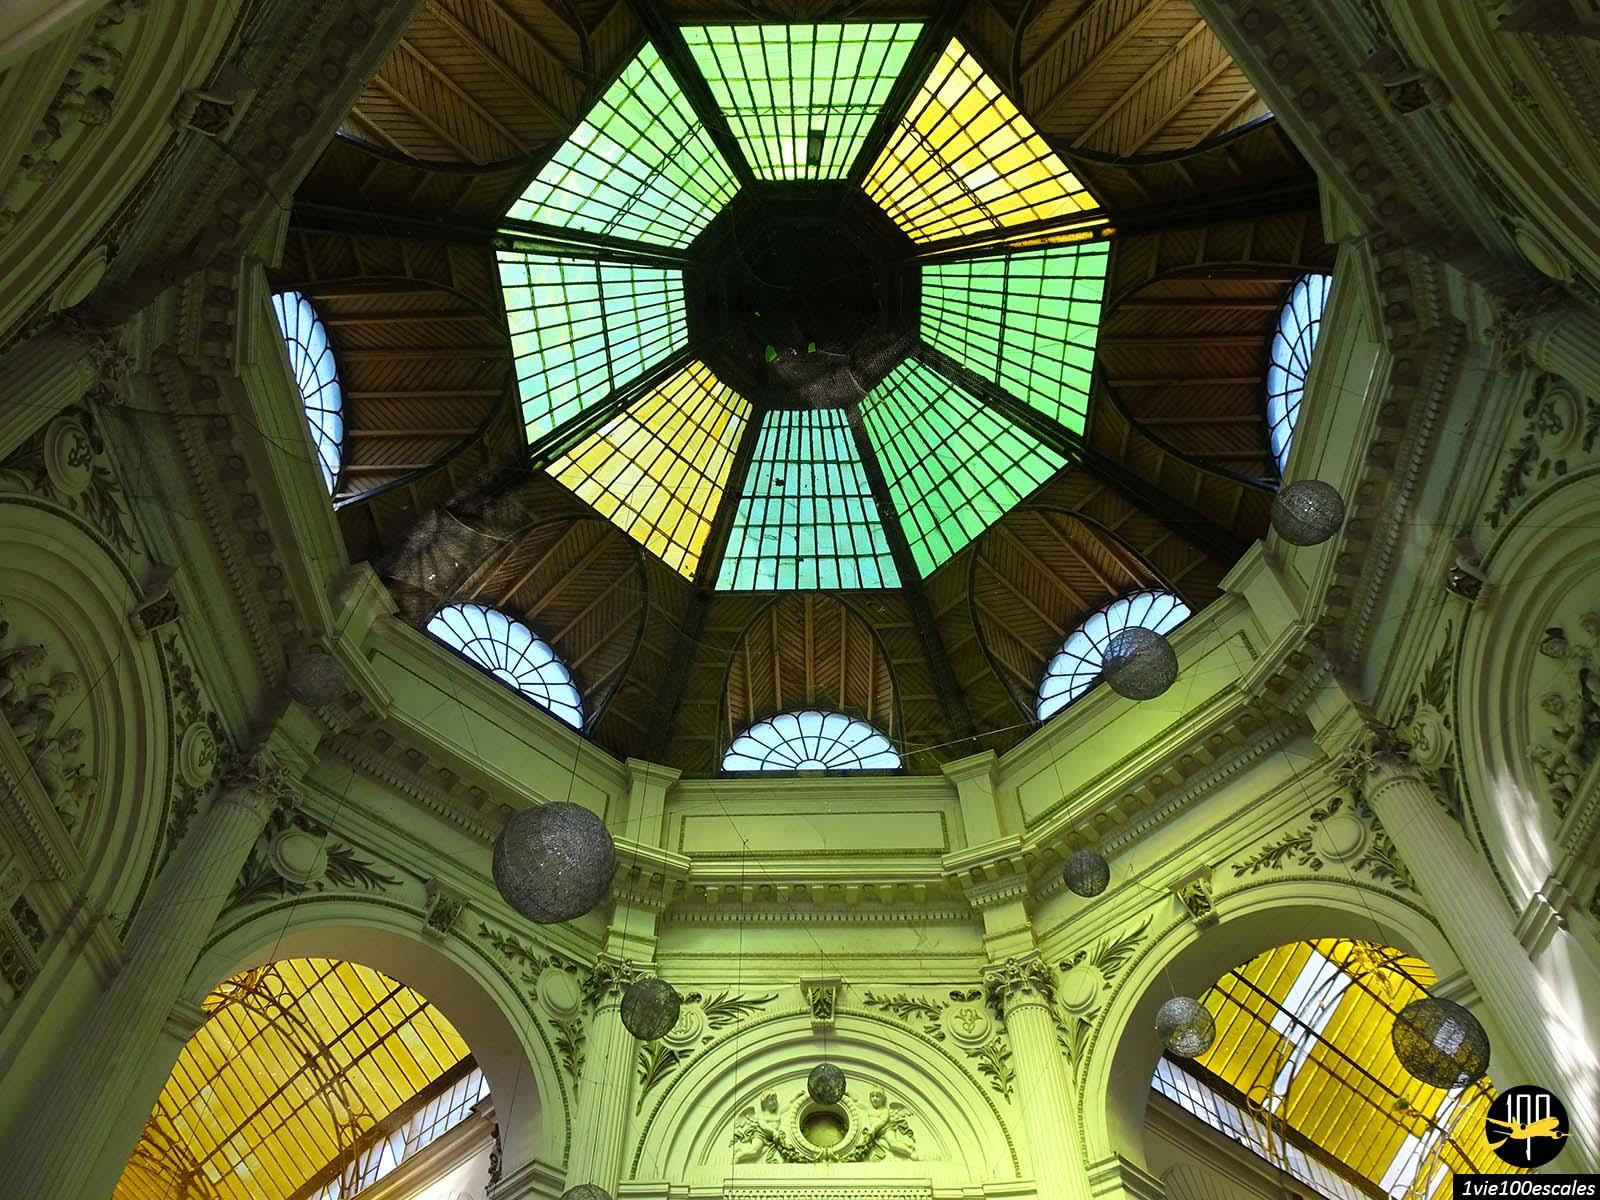 plafond couleurs passage Macca Vilacrosse bucarest roumanie